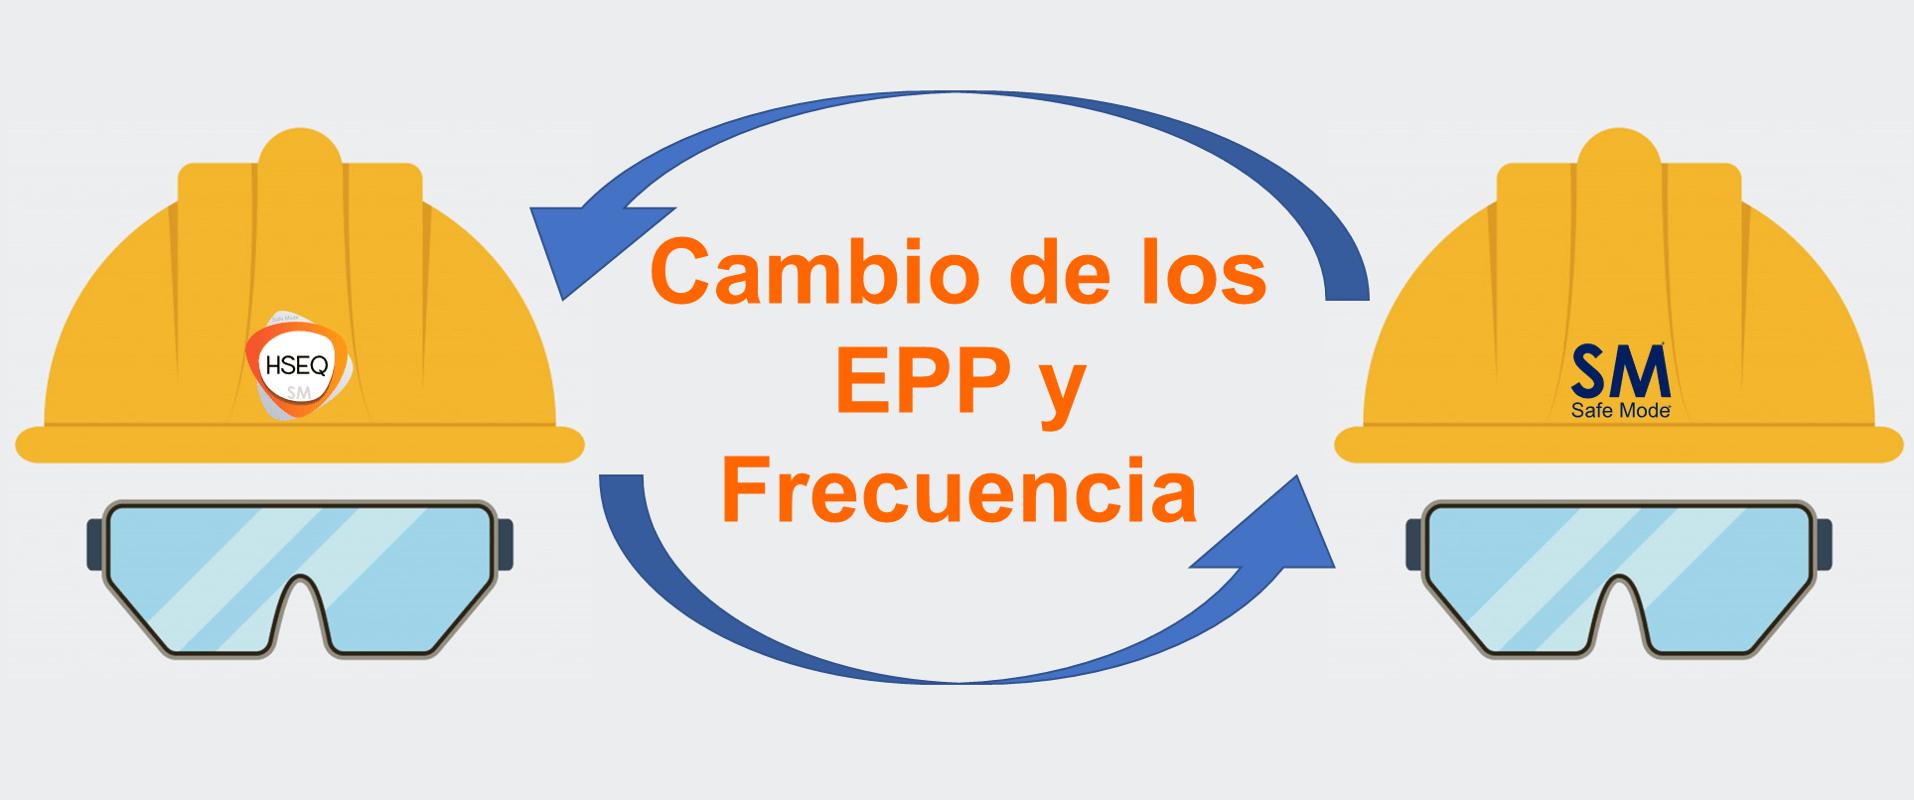 Cambio de EPP y frecuencia